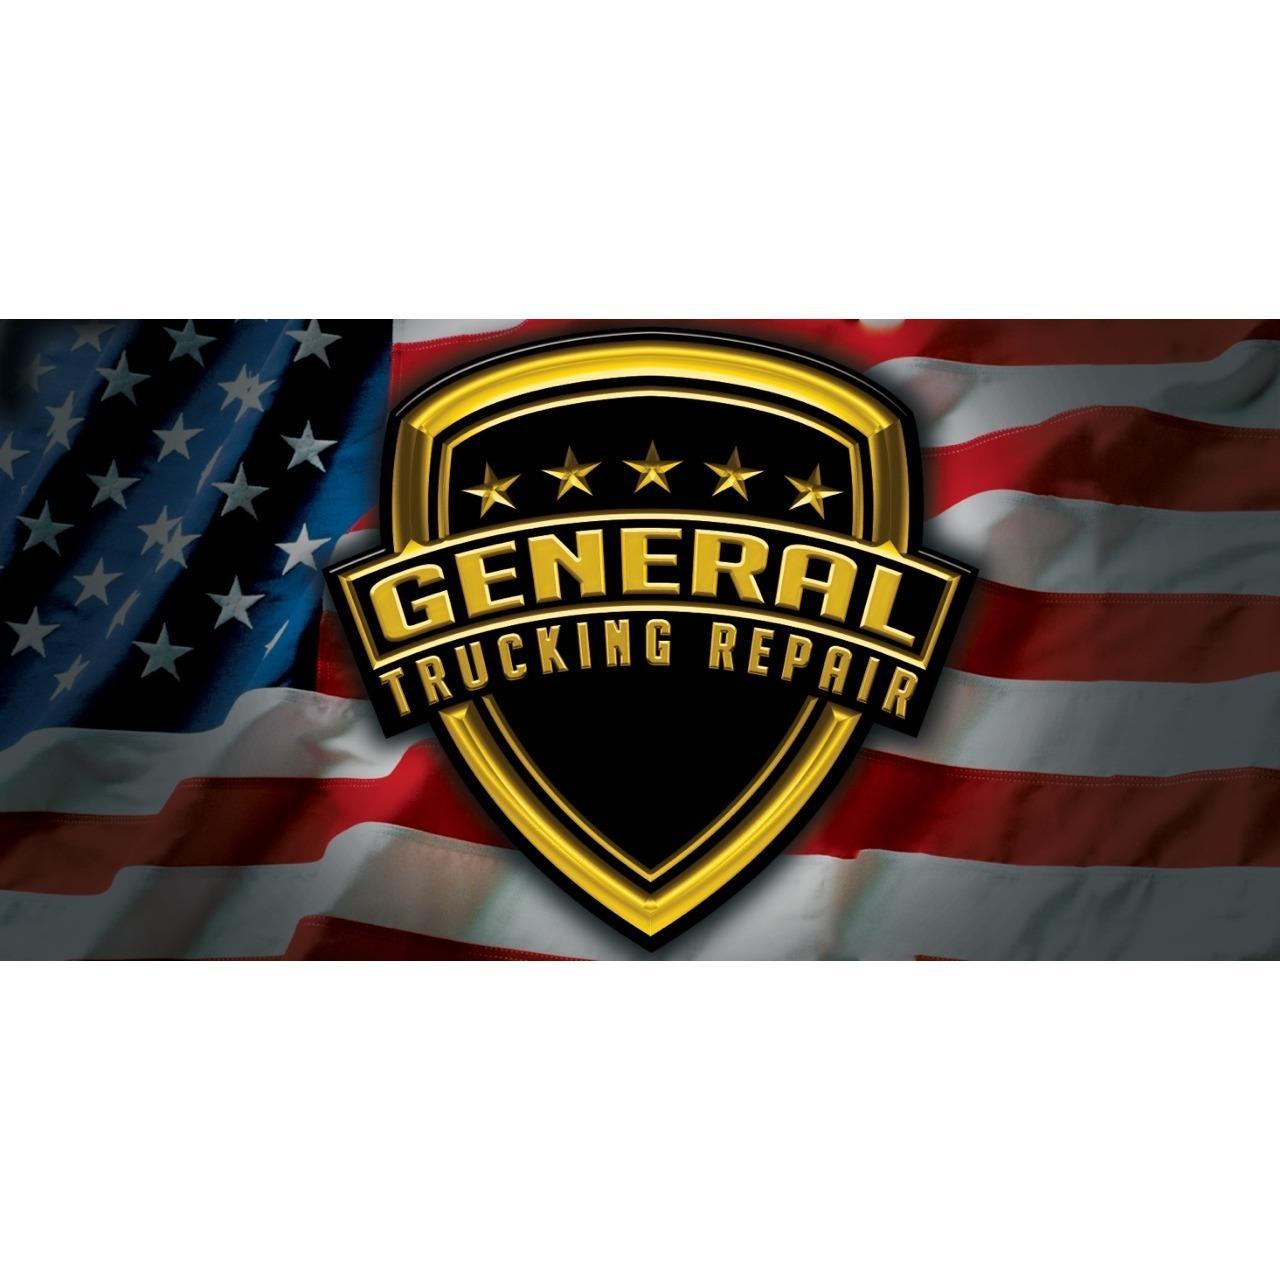 General Trucking Repair